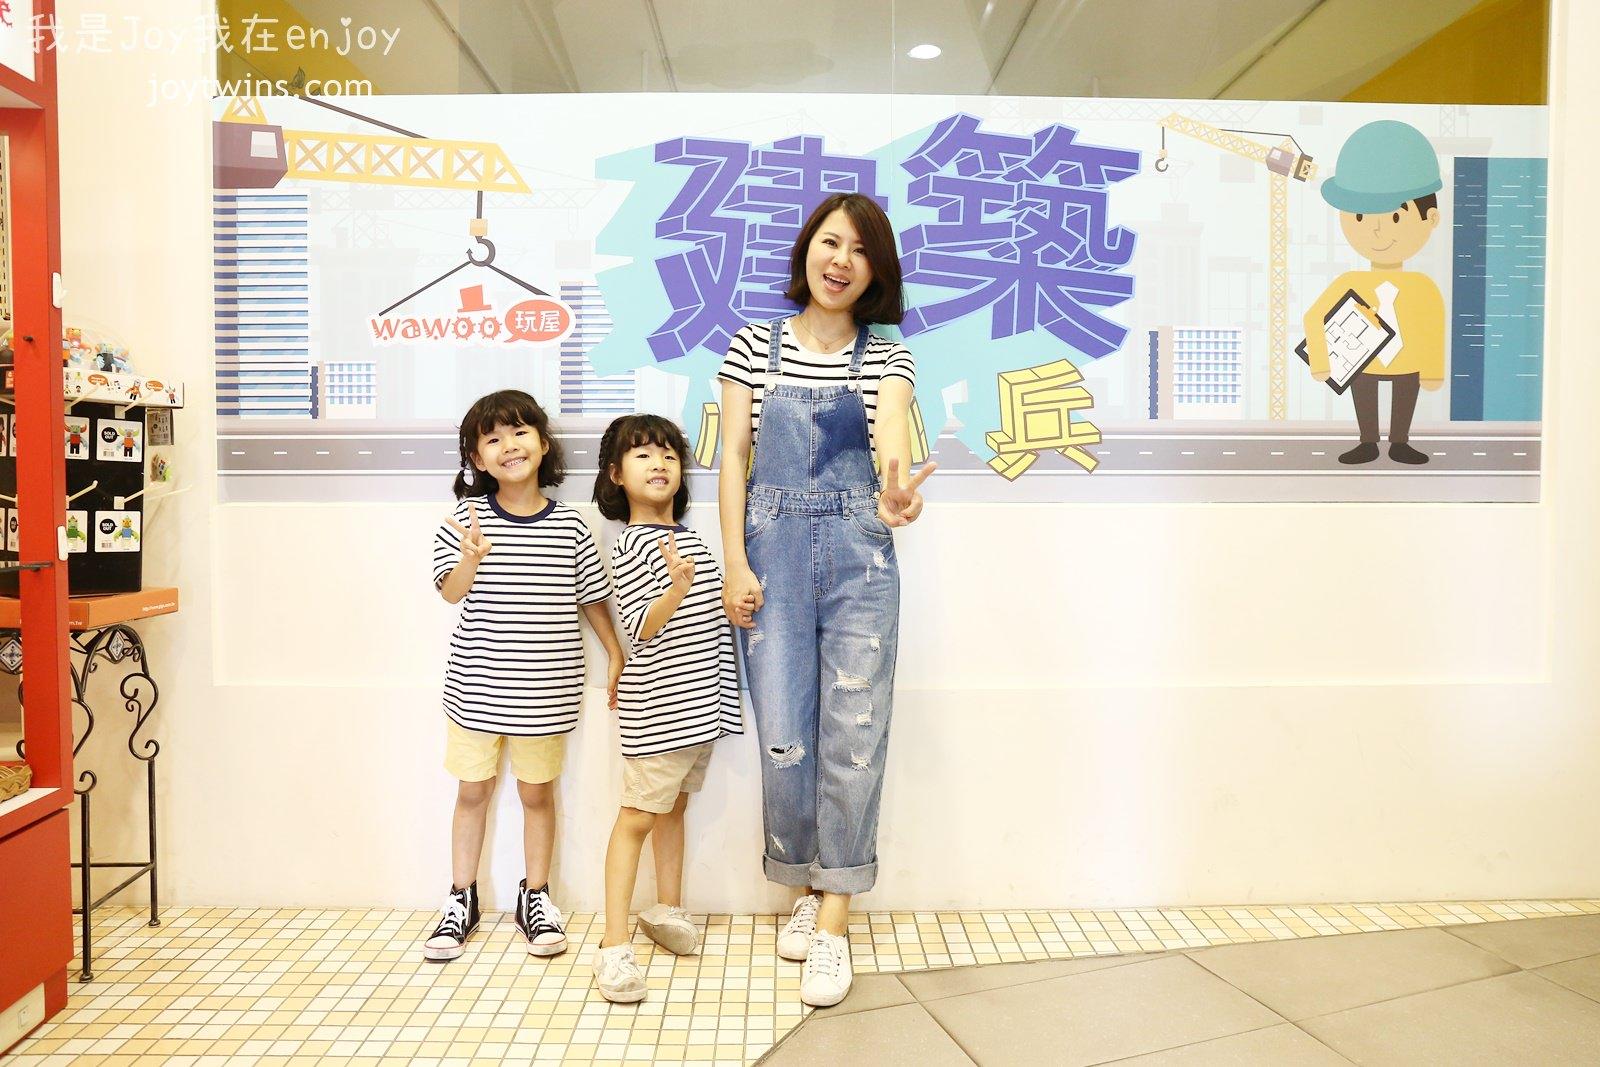 【親子】高雄 玩屋Wawoo兒童創意空間 各種主題式遊戲 超級好玩!! 親子周末假期必去之處